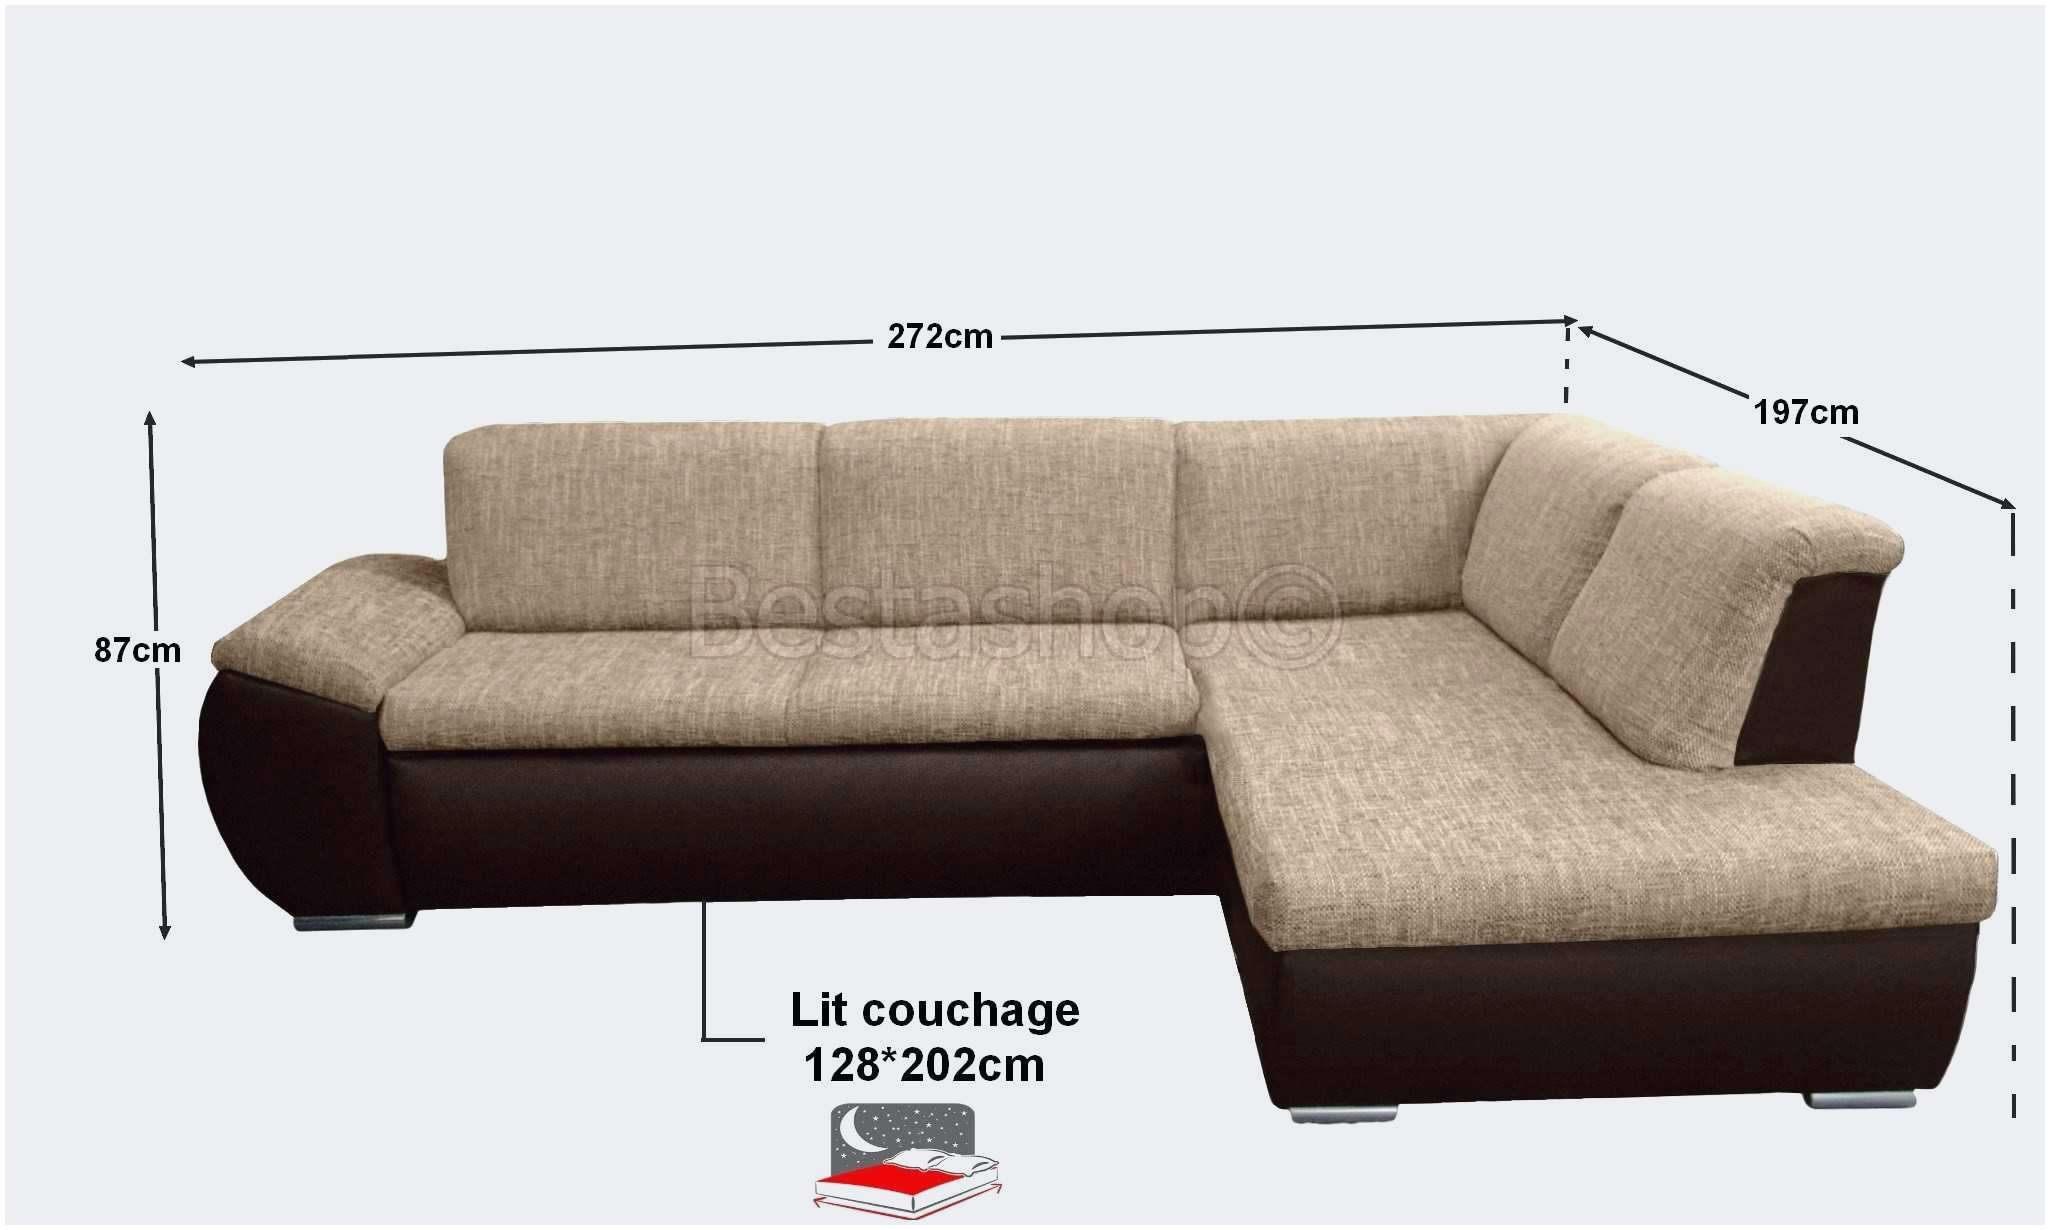 Canapé Lit Convertible Pas Cher Unique Elégant Canapé Angle Habitat Luxe S Canap Simili Cuir Marron 27 C3